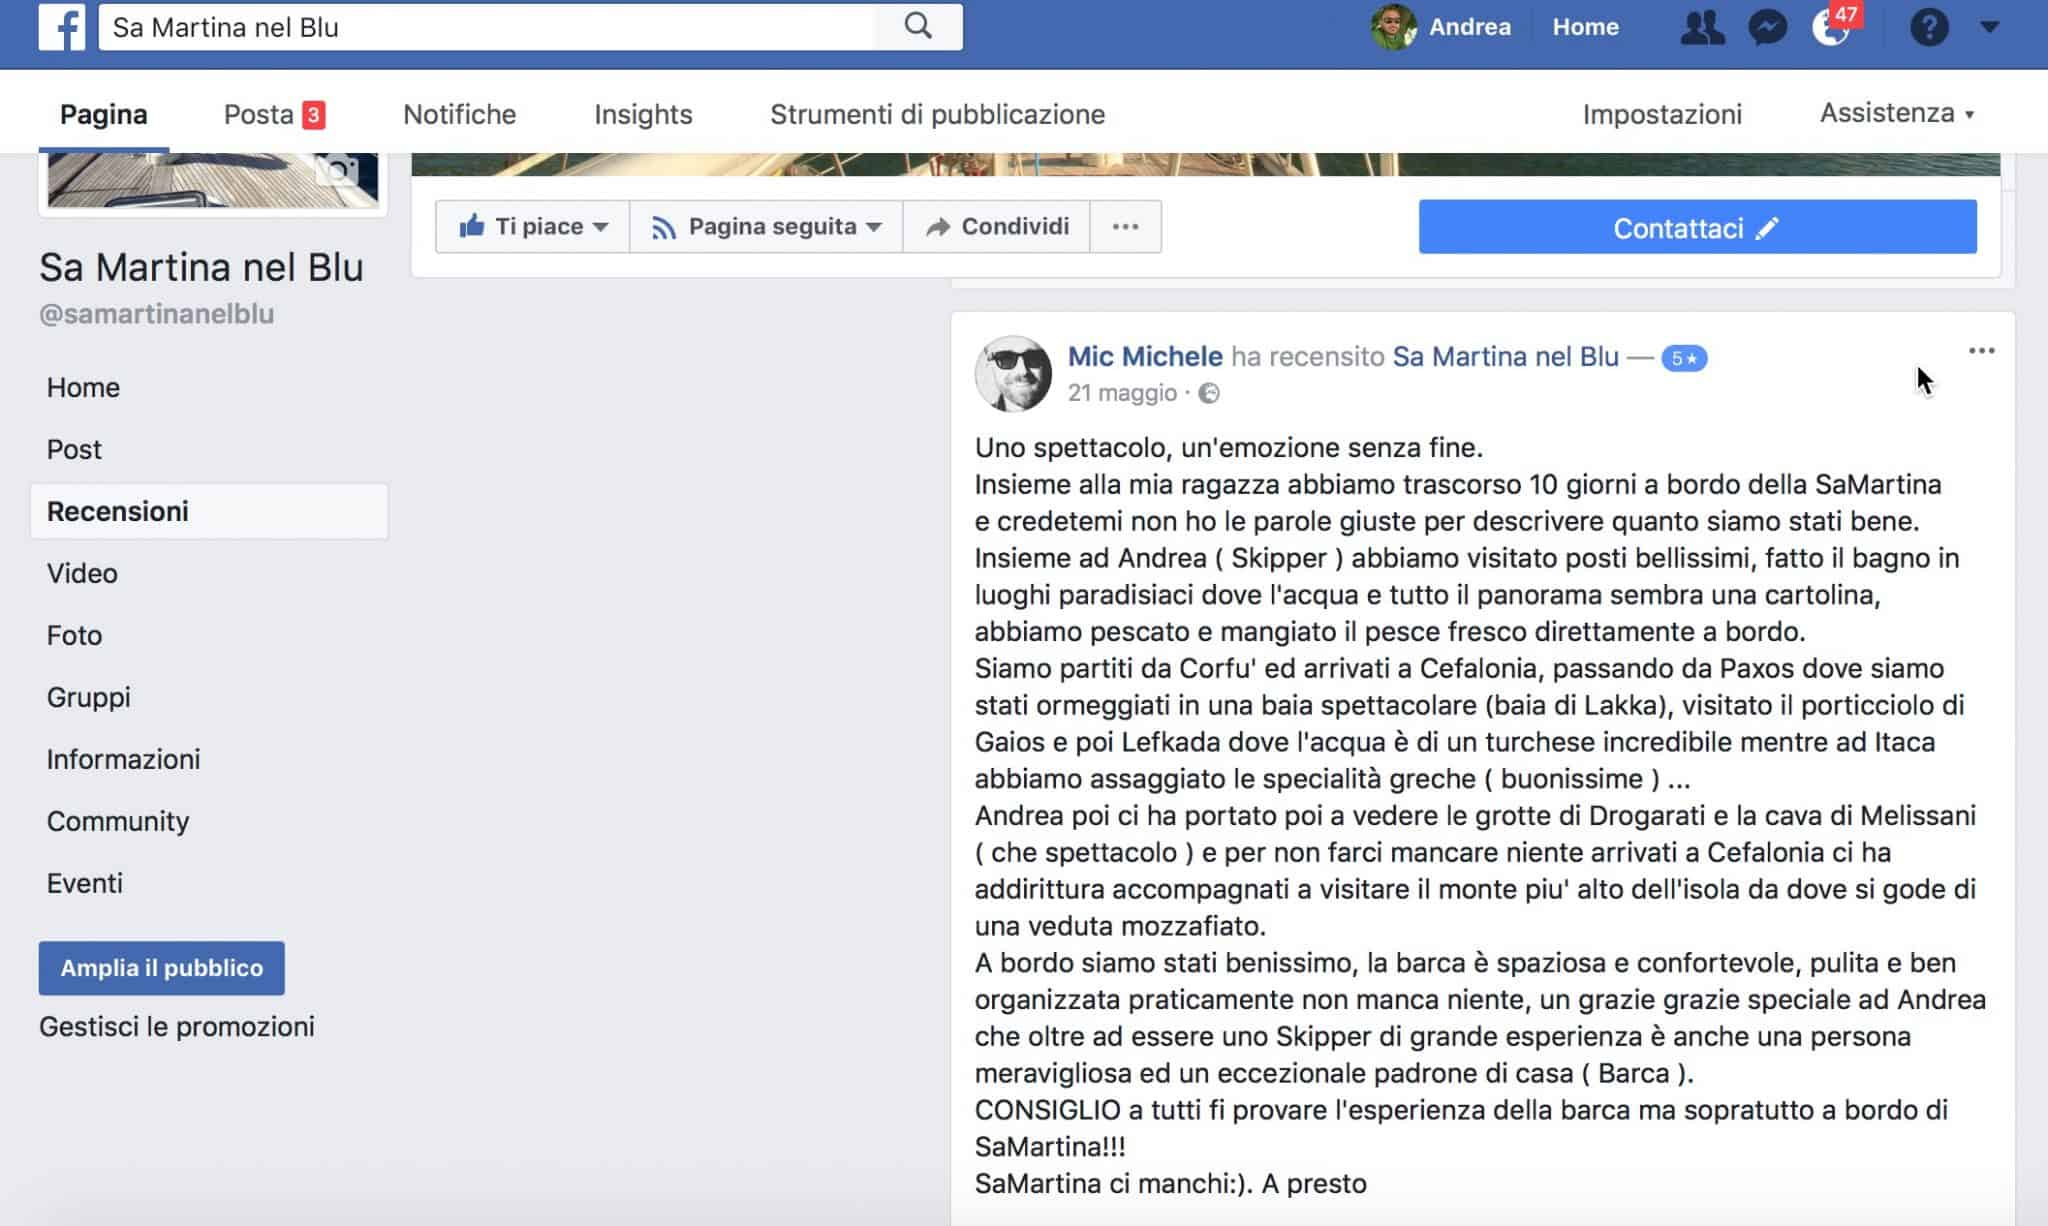 Michele, Ospite per 10 giorni tra Corfù e Cefalonia a maggio